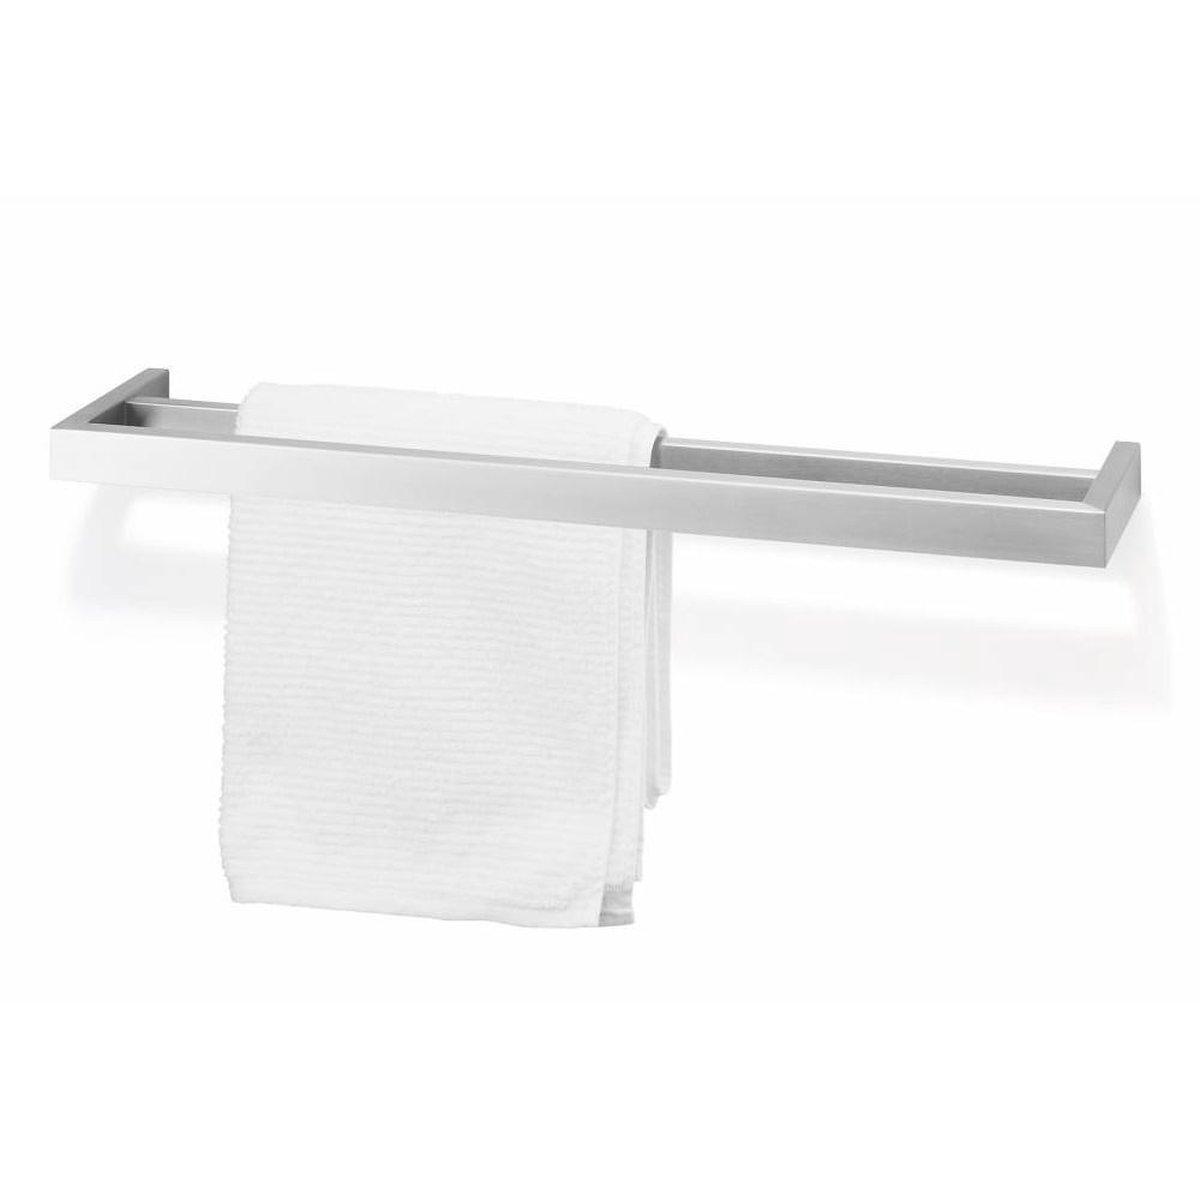 Zack handdoekhouder Linea mat geborsteld rvs - boren - 40393